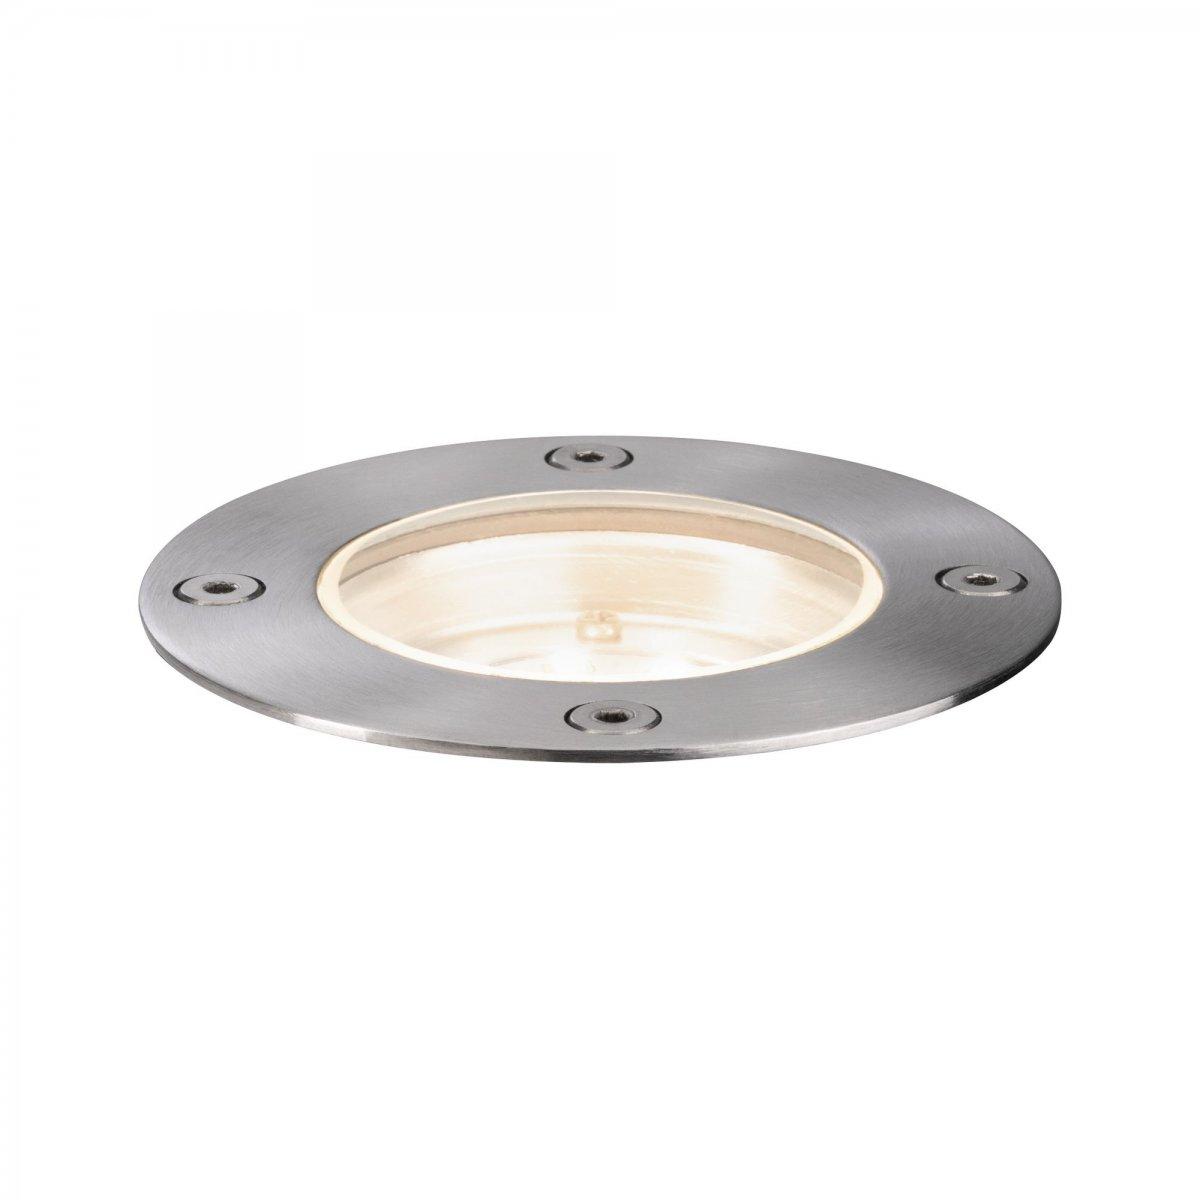 Paulmann No 94228 Plugshine Bodeneinbauleuchte Rund Ip65 3000k 4w Silber